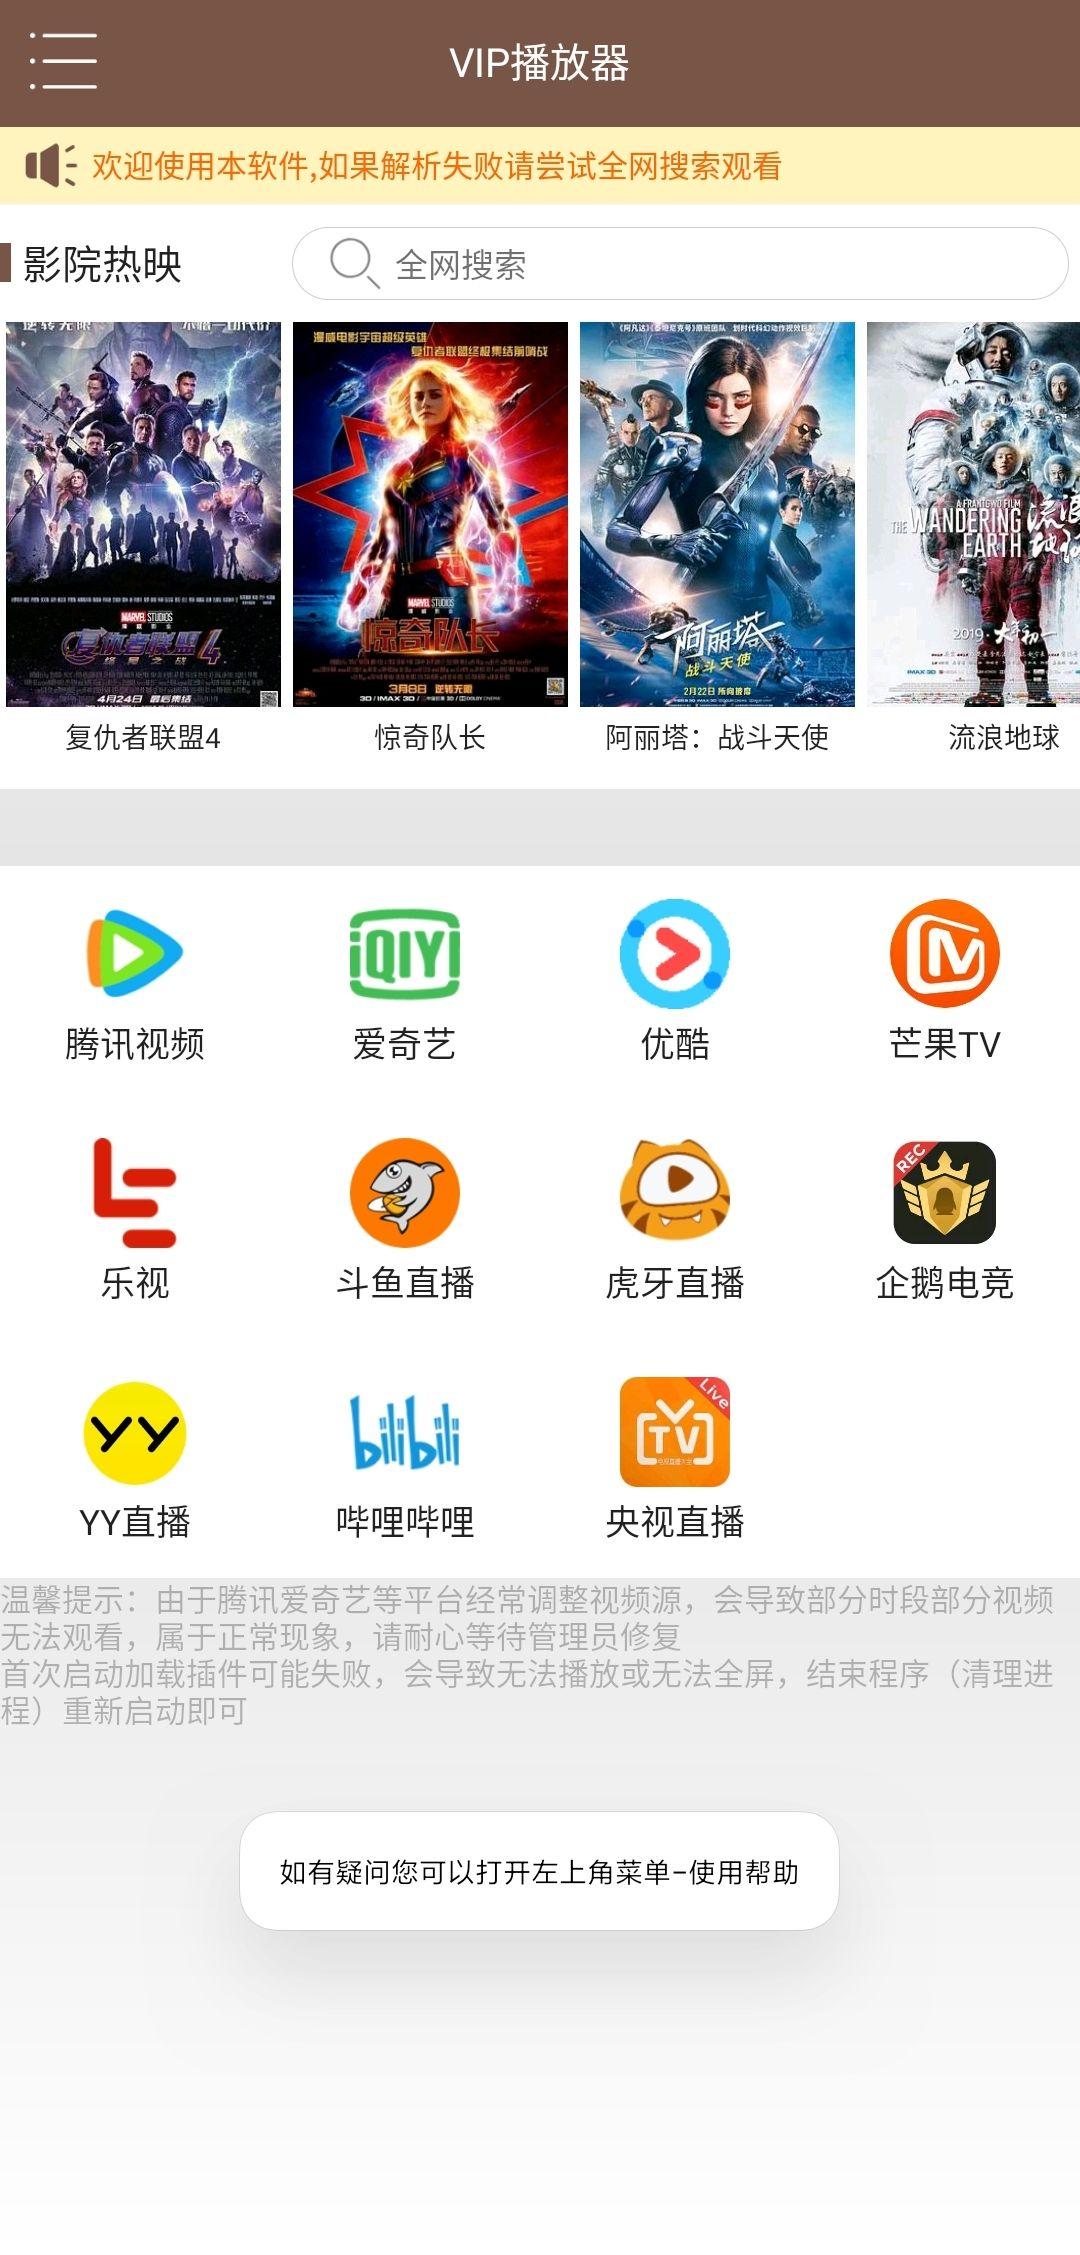 [分享]聚影vip播放器1.4/电影搜索大全/免费观看/去广告